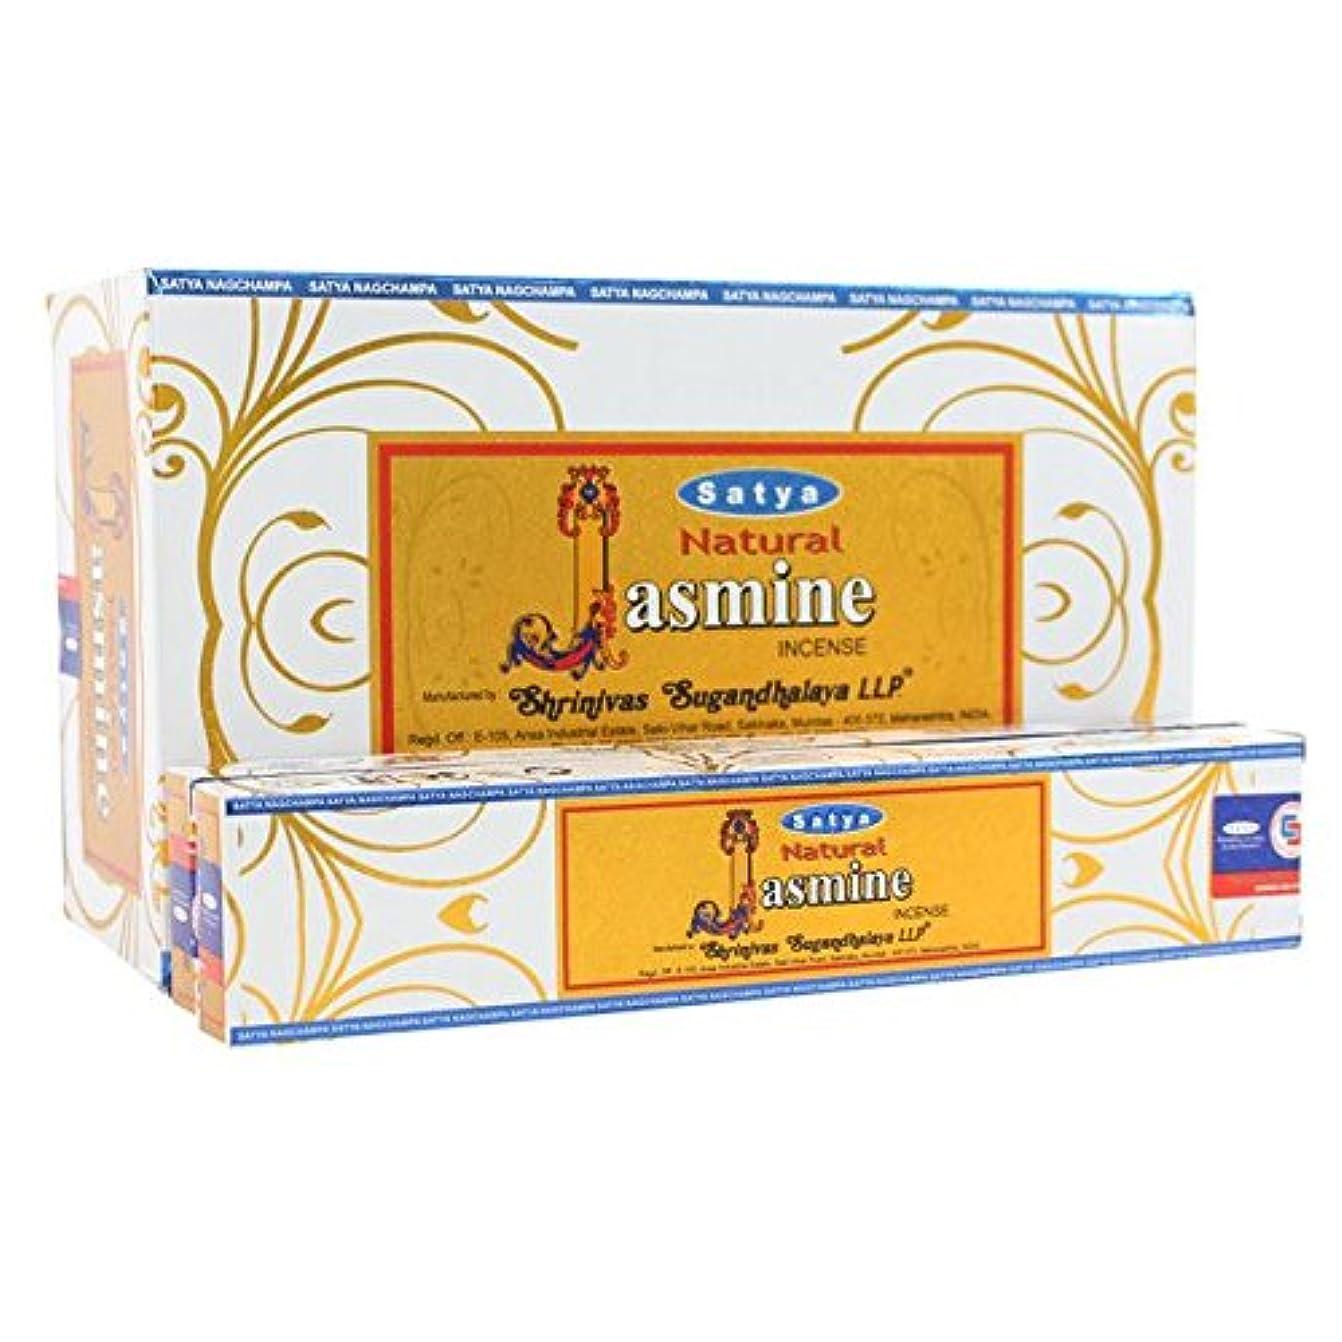 数字手紙を書くメロドラマティックBox Of 12 Packs Of Natural Jasmine Incense Sticks By Satya